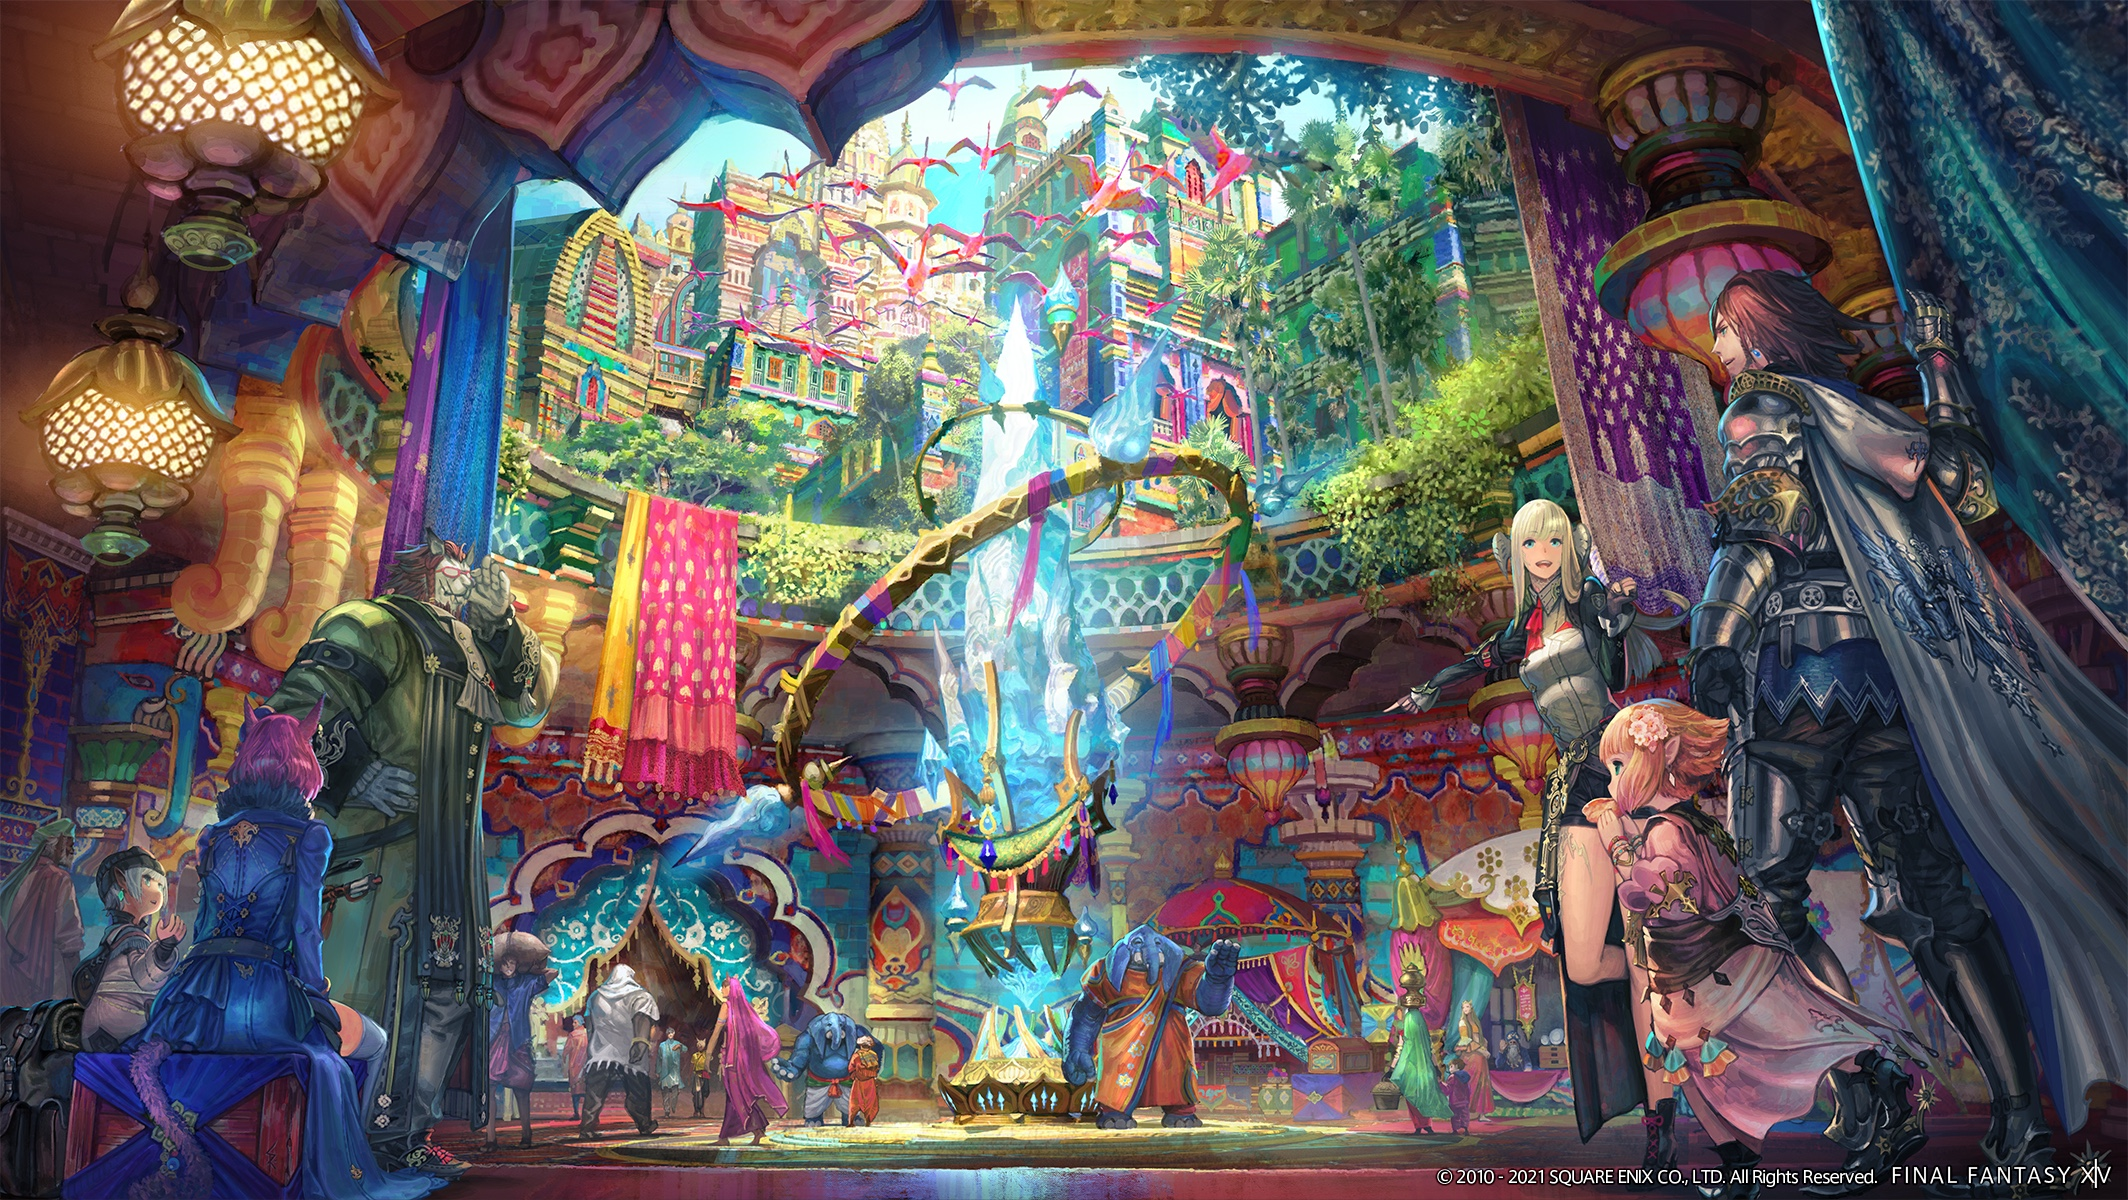 Artwork of the Final Fantasy 14 Endwalker expansion